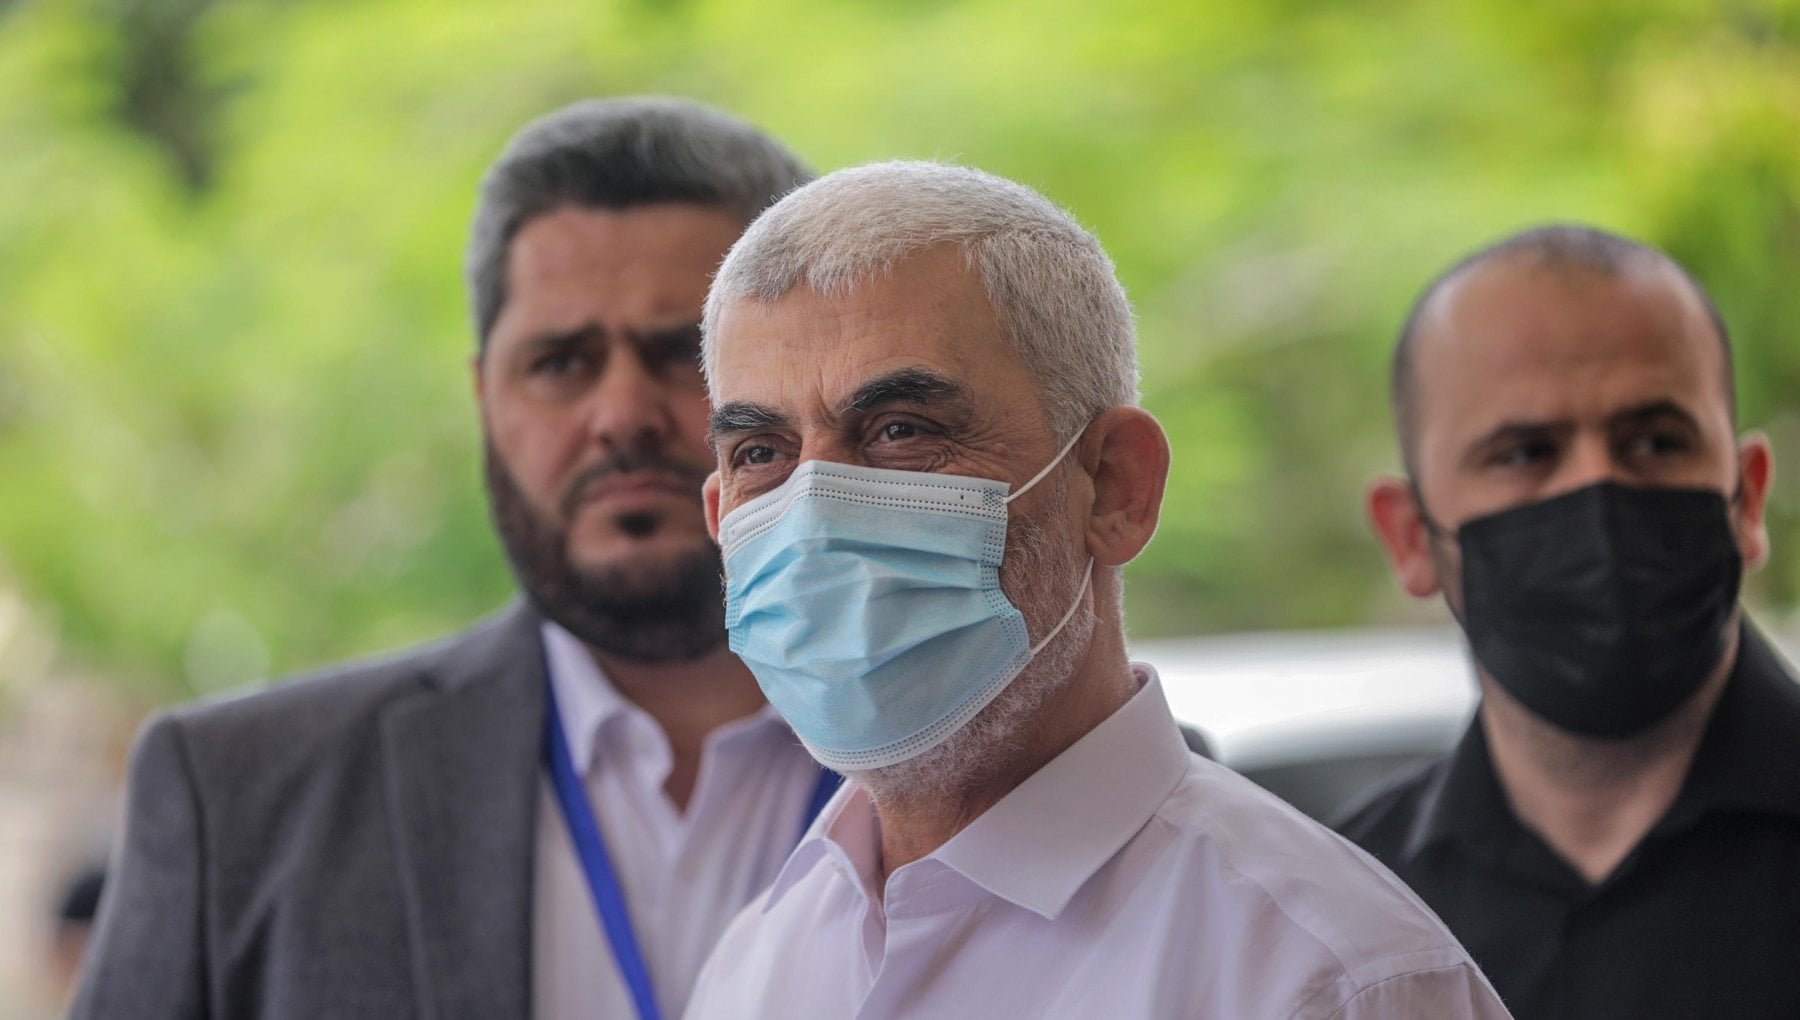 172410559 566a55fc 9627 4b57 80ea e5a5a6989f56 - Il leader di Hamas pronto a negoziare con Israele per consegnare i prigionieri a Gaza